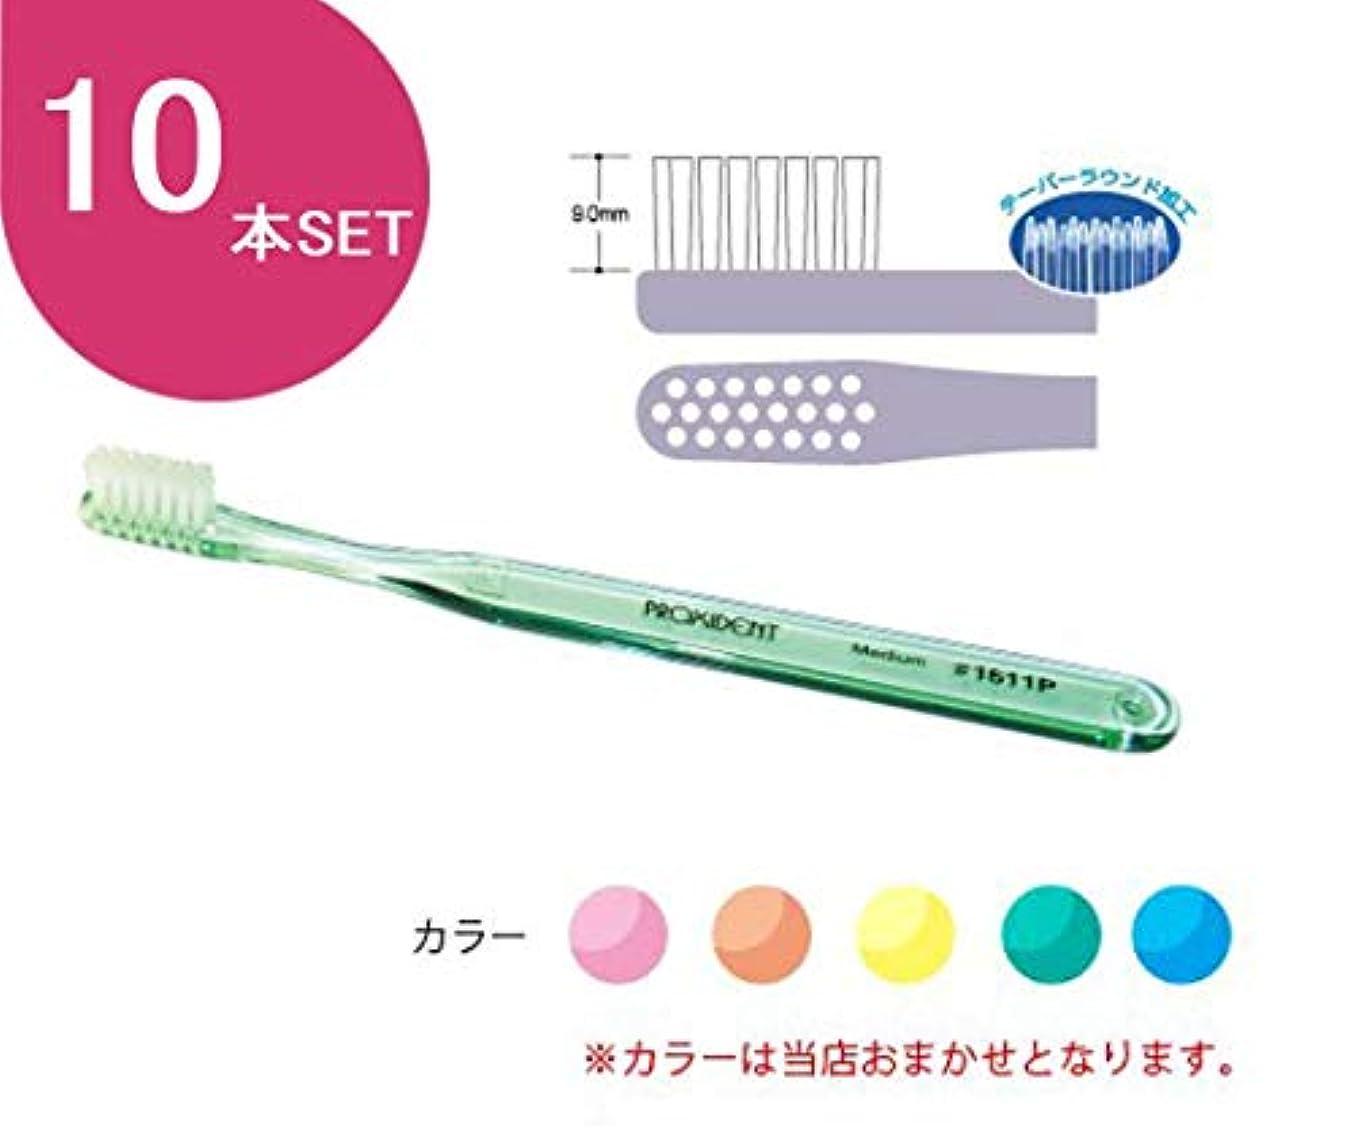 抽出熟達したくしゃくしゃプローデント プロキシデント #1611P 歯ブラシ 10本入